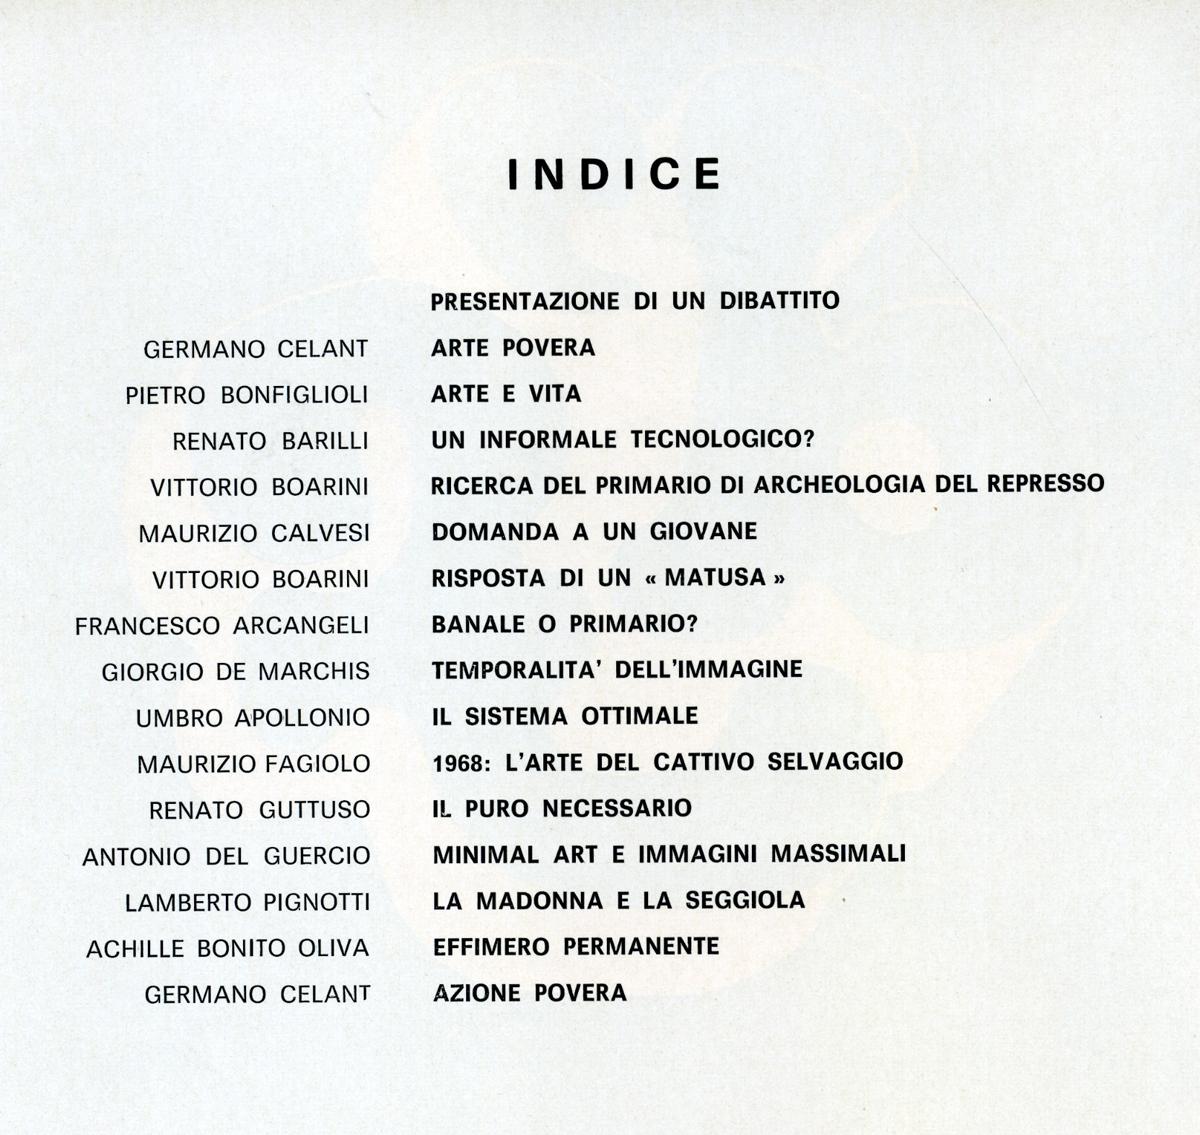 Quaderno arte povera 1968 - Galleria de foscherari indice.jpg